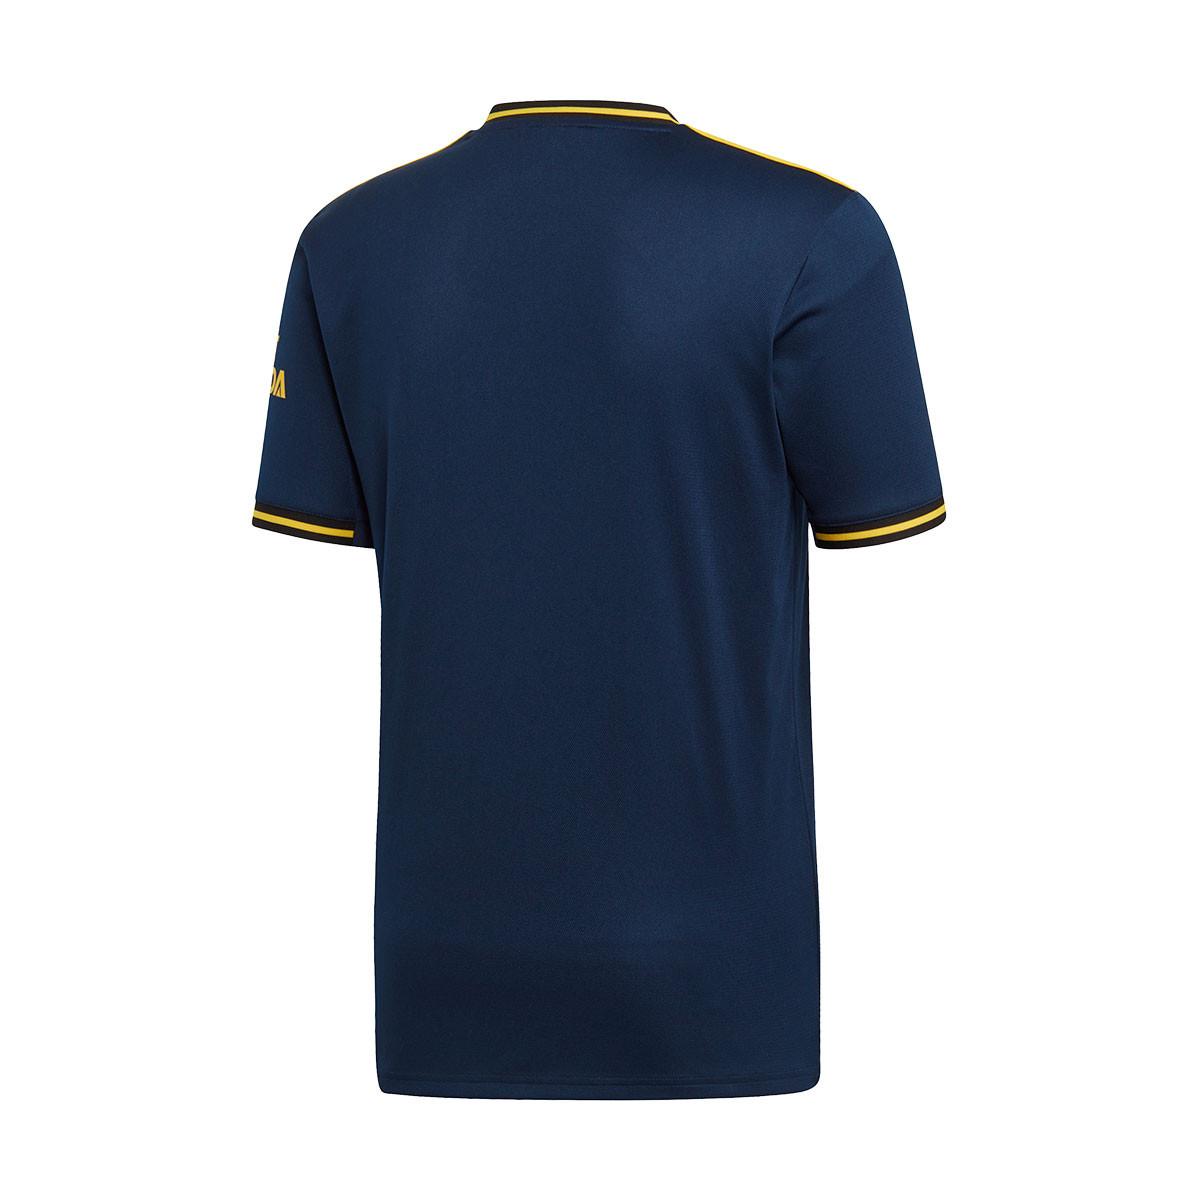 on sale 10e76 afafa Camiseta Arsenal FC Tercera Equipación 2019-2020 Navy